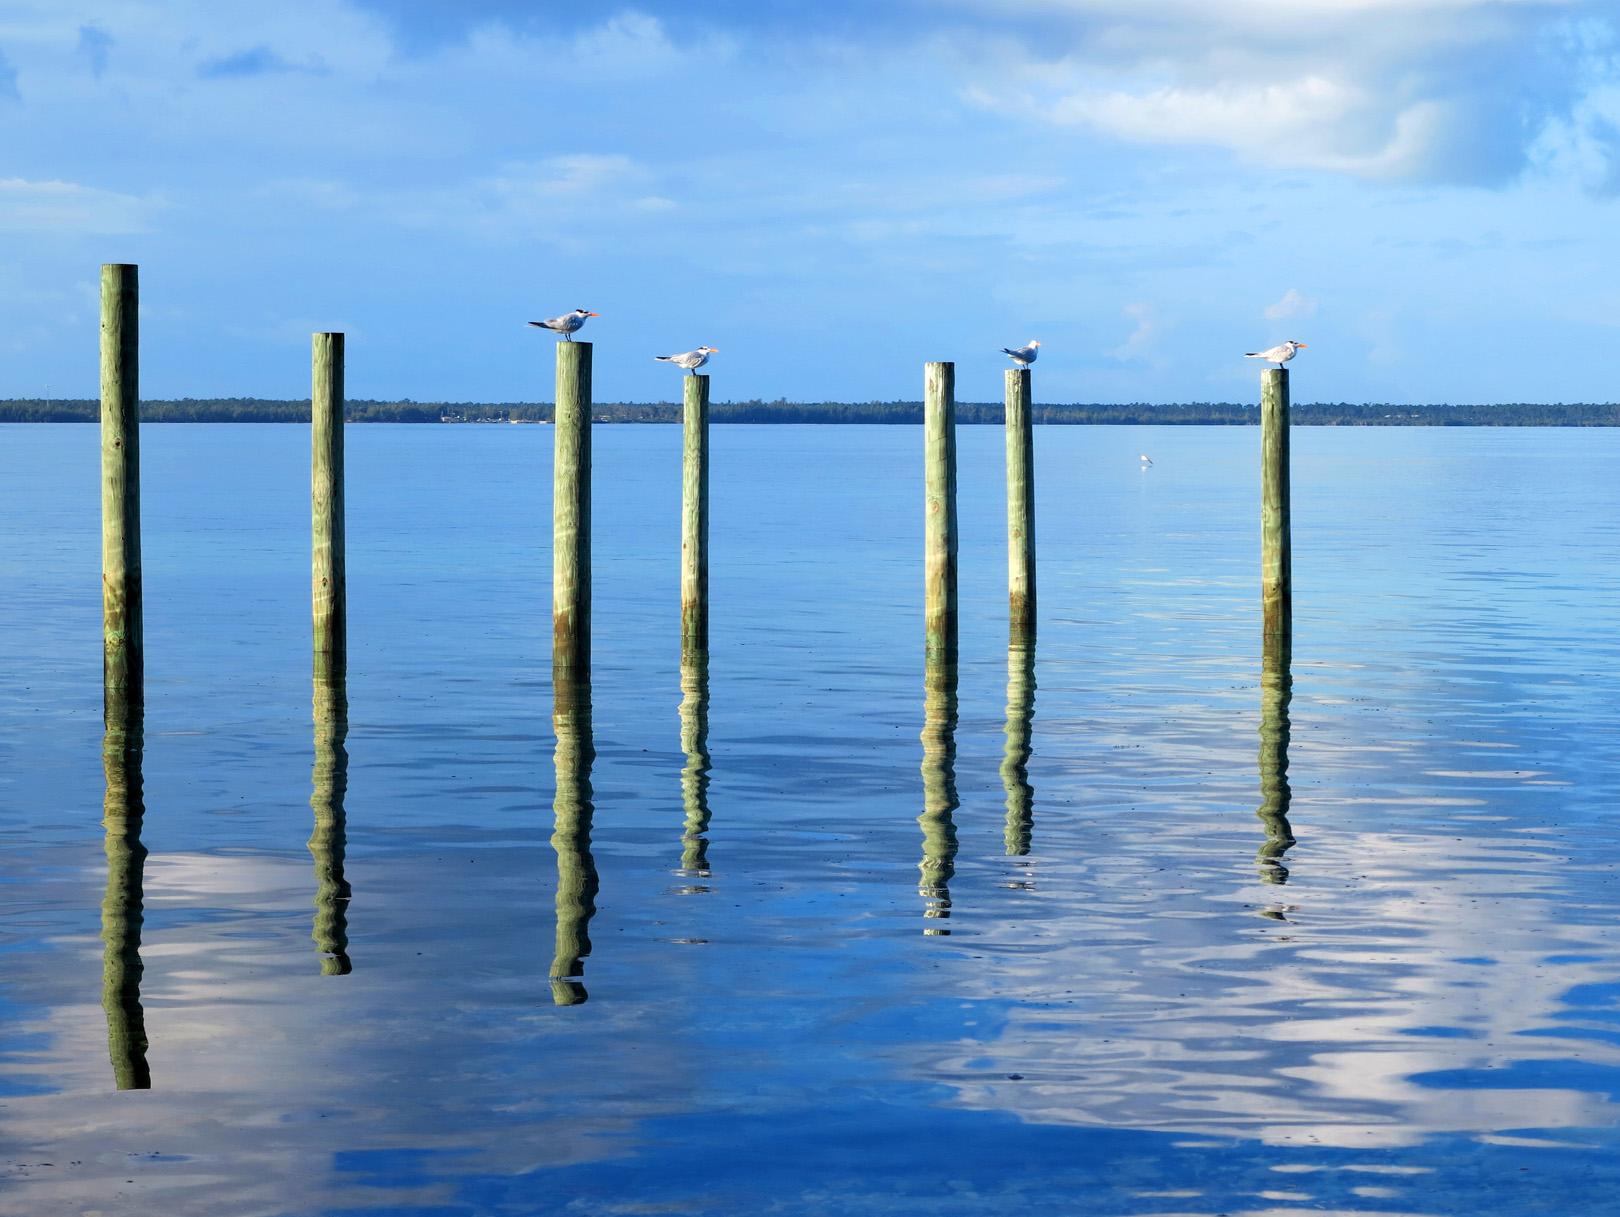 bahamas, abaco, green turtle cay, birds